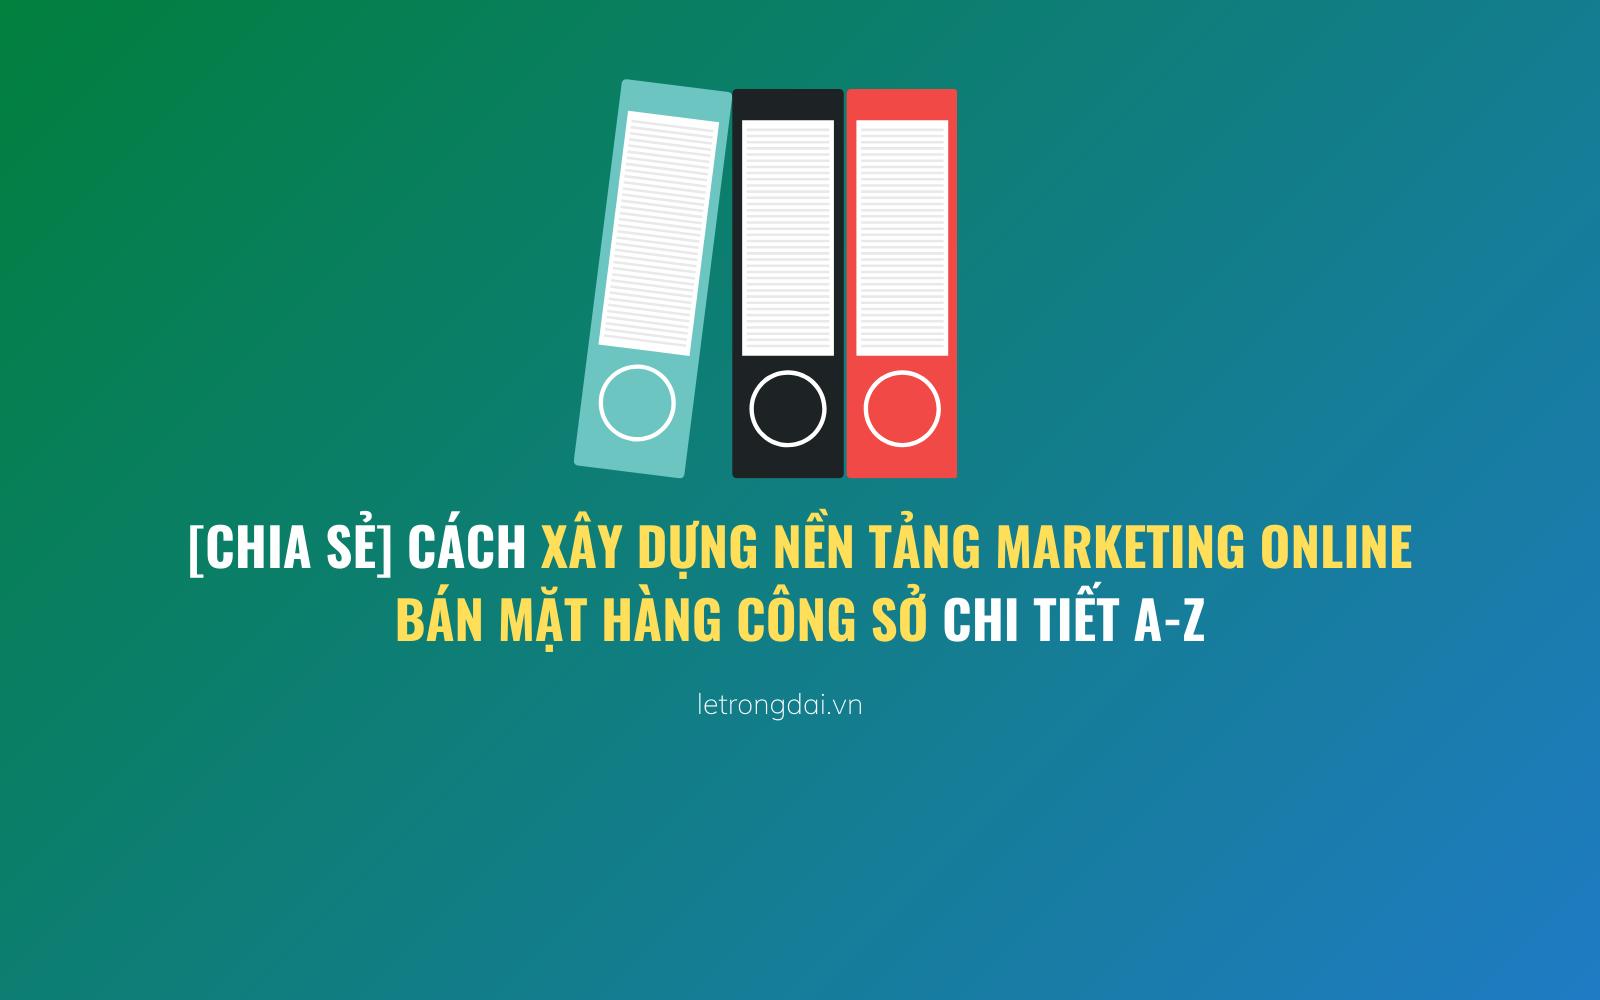 Cách Xây Dựng Nền Tảng Marketing Online Bán Mặt Hàng Công Sở